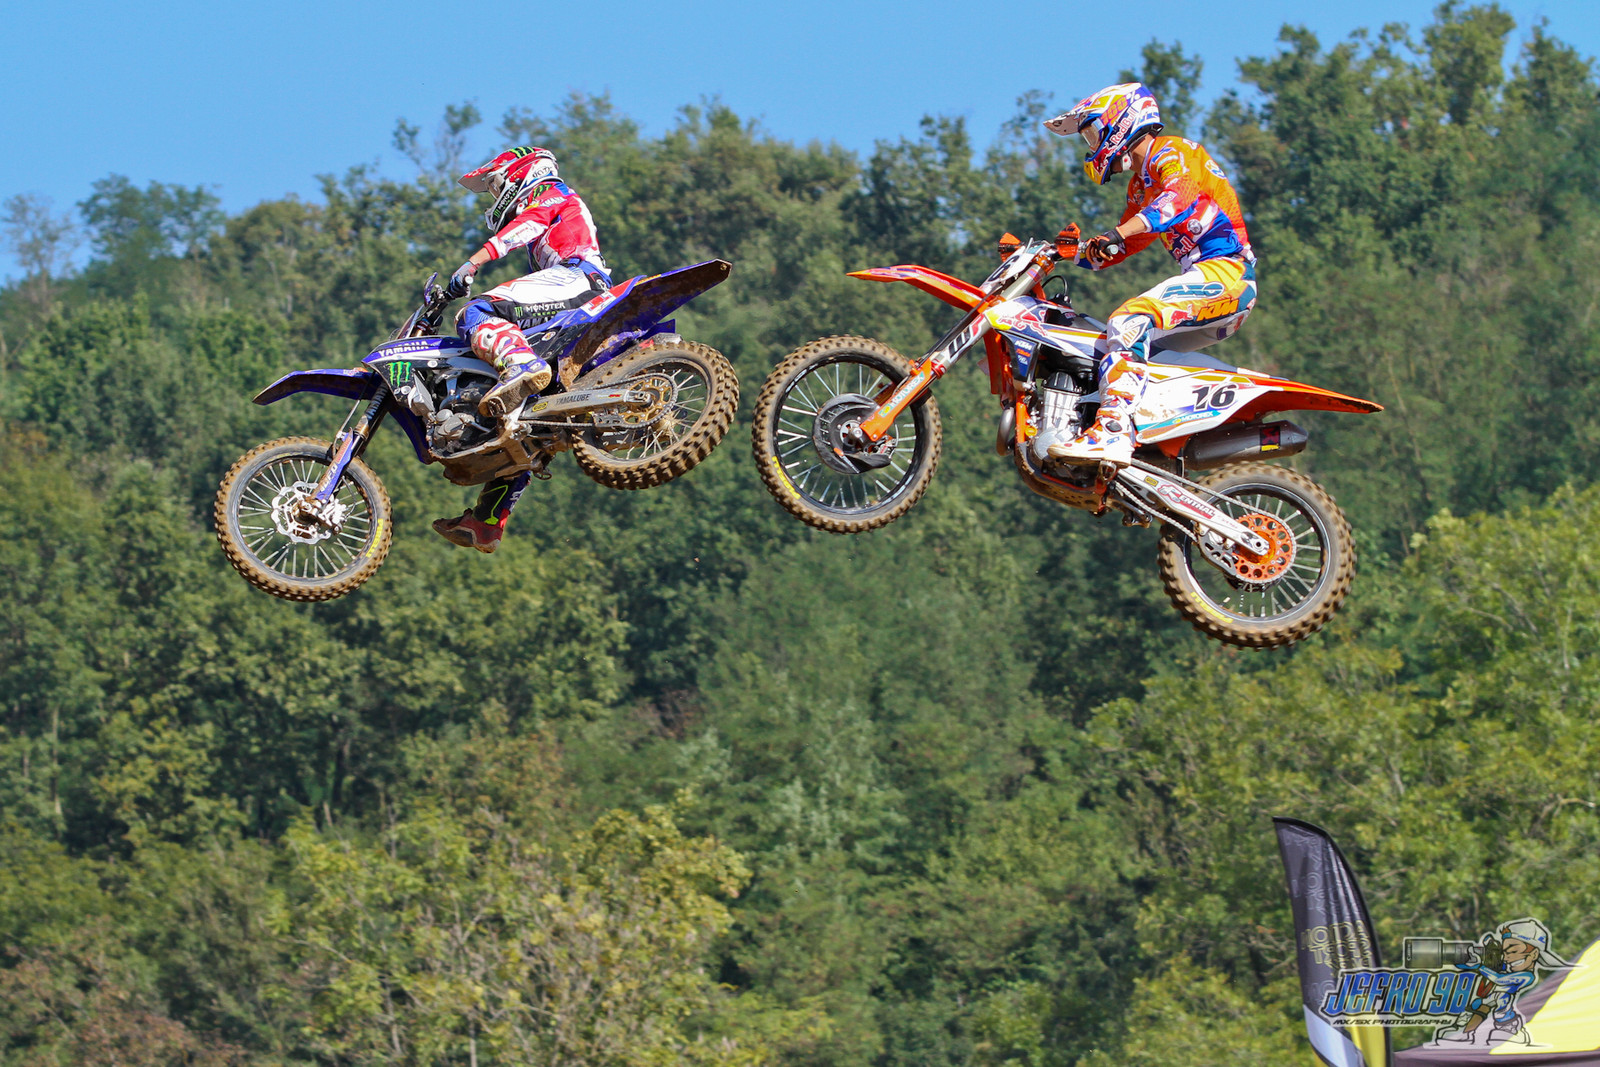 Romain Febvre vs Glenn Coldenhoff - PhotoGallery: MXoN Sunday - Motocross Pictures - Vital MX